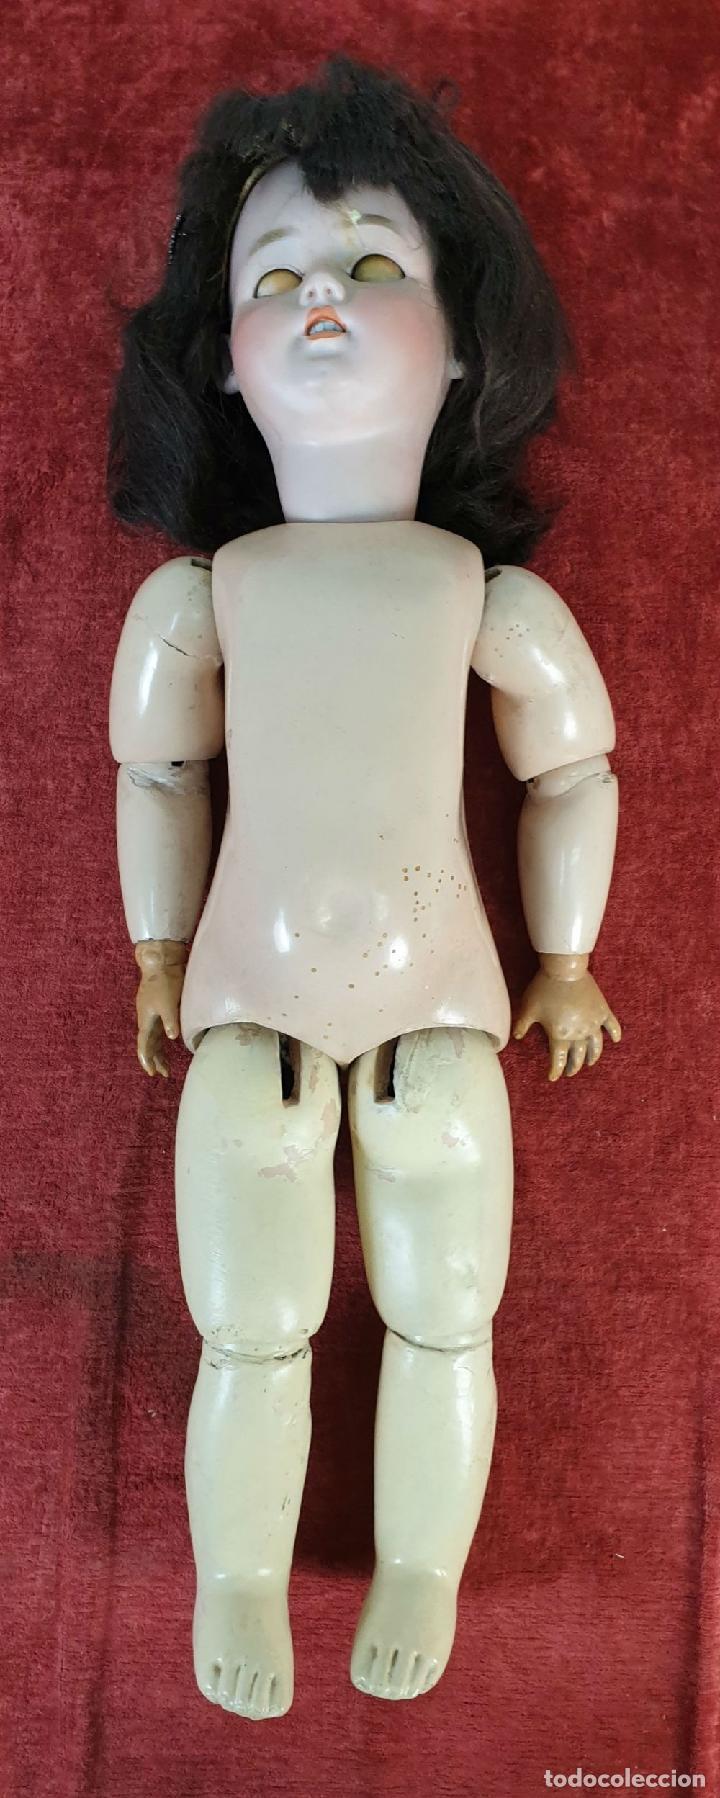 Muñecas Porcelana: MUÑECA. CUERPO DE COMPOSICIÓN. CABEZA DE PORCELANA. S AND CIE. ALEMANIA. SIGLO XX - Foto 3 - 196566098